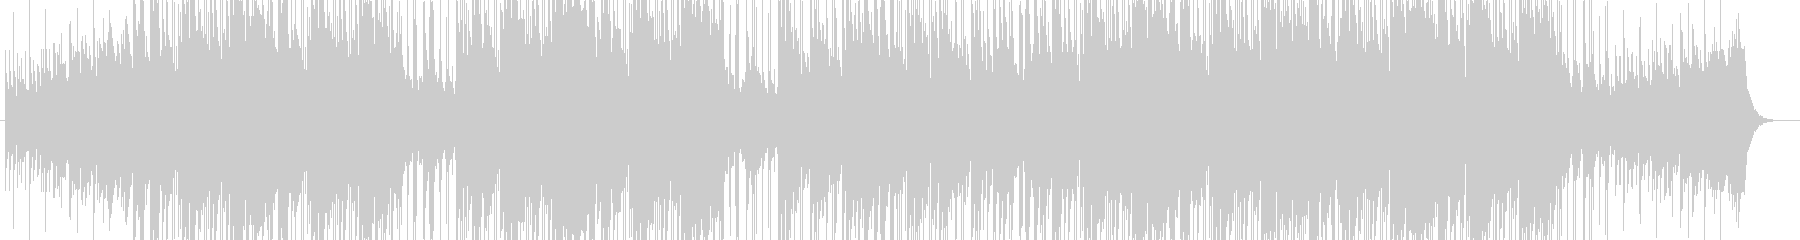 爽やか・ピアノ・オープニング・映像用の未再生の波形